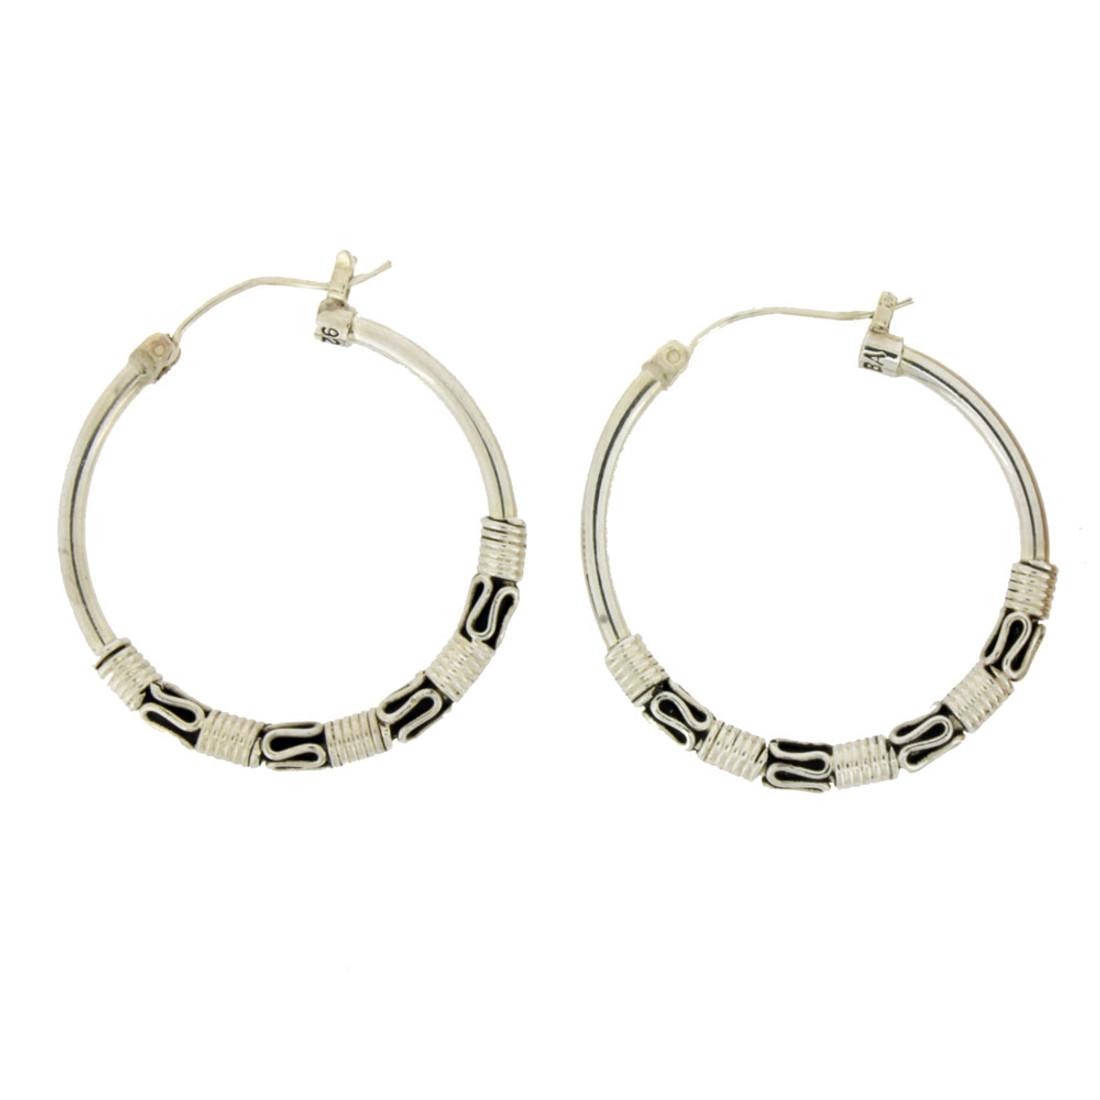 Sterling silver hoop earrings with Bali detail.